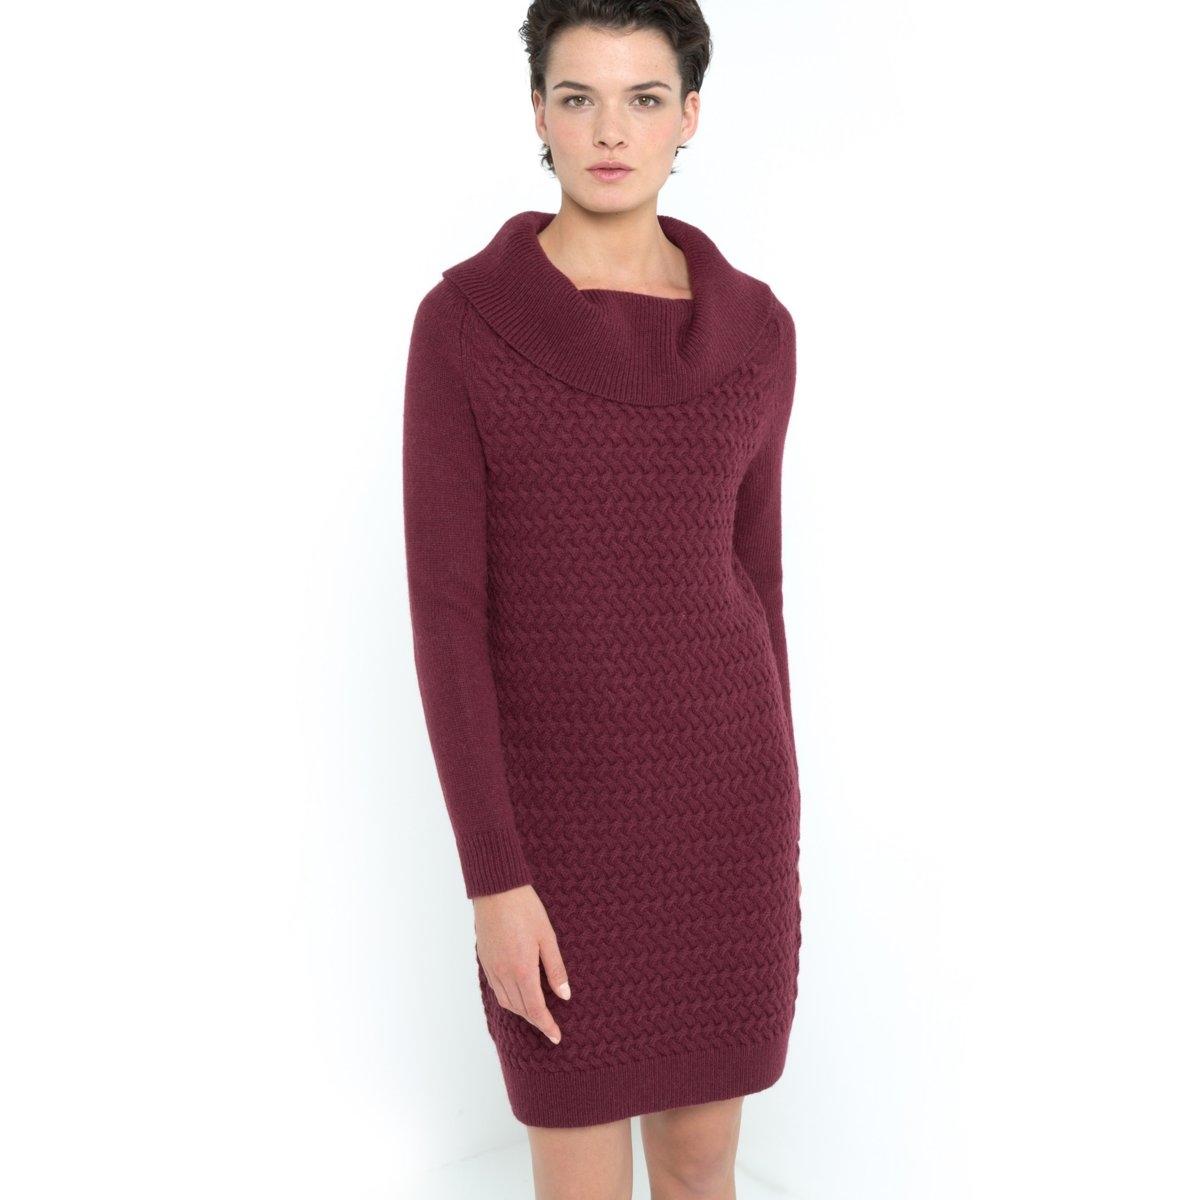 Платье-пуловер с витым узоромМаленькое трикотажное платье с озорным витым узором заставляет оборачиваться...                               Платье-пуловер с витым узором. Объёмный воротник  в рубчик. Витые узоры спереди. Длинные рукава и спинка из трикотажа джерси,  40% шерсти, 30% альпаки, 30% акрила. Пройма реглан. Отделка рубчиком низа и низа рукавов. Длина 92 см.<br><br>Цвет: красный/ бордовый<br>Размер: 34/36 (FR) - 40/42 (RUS)